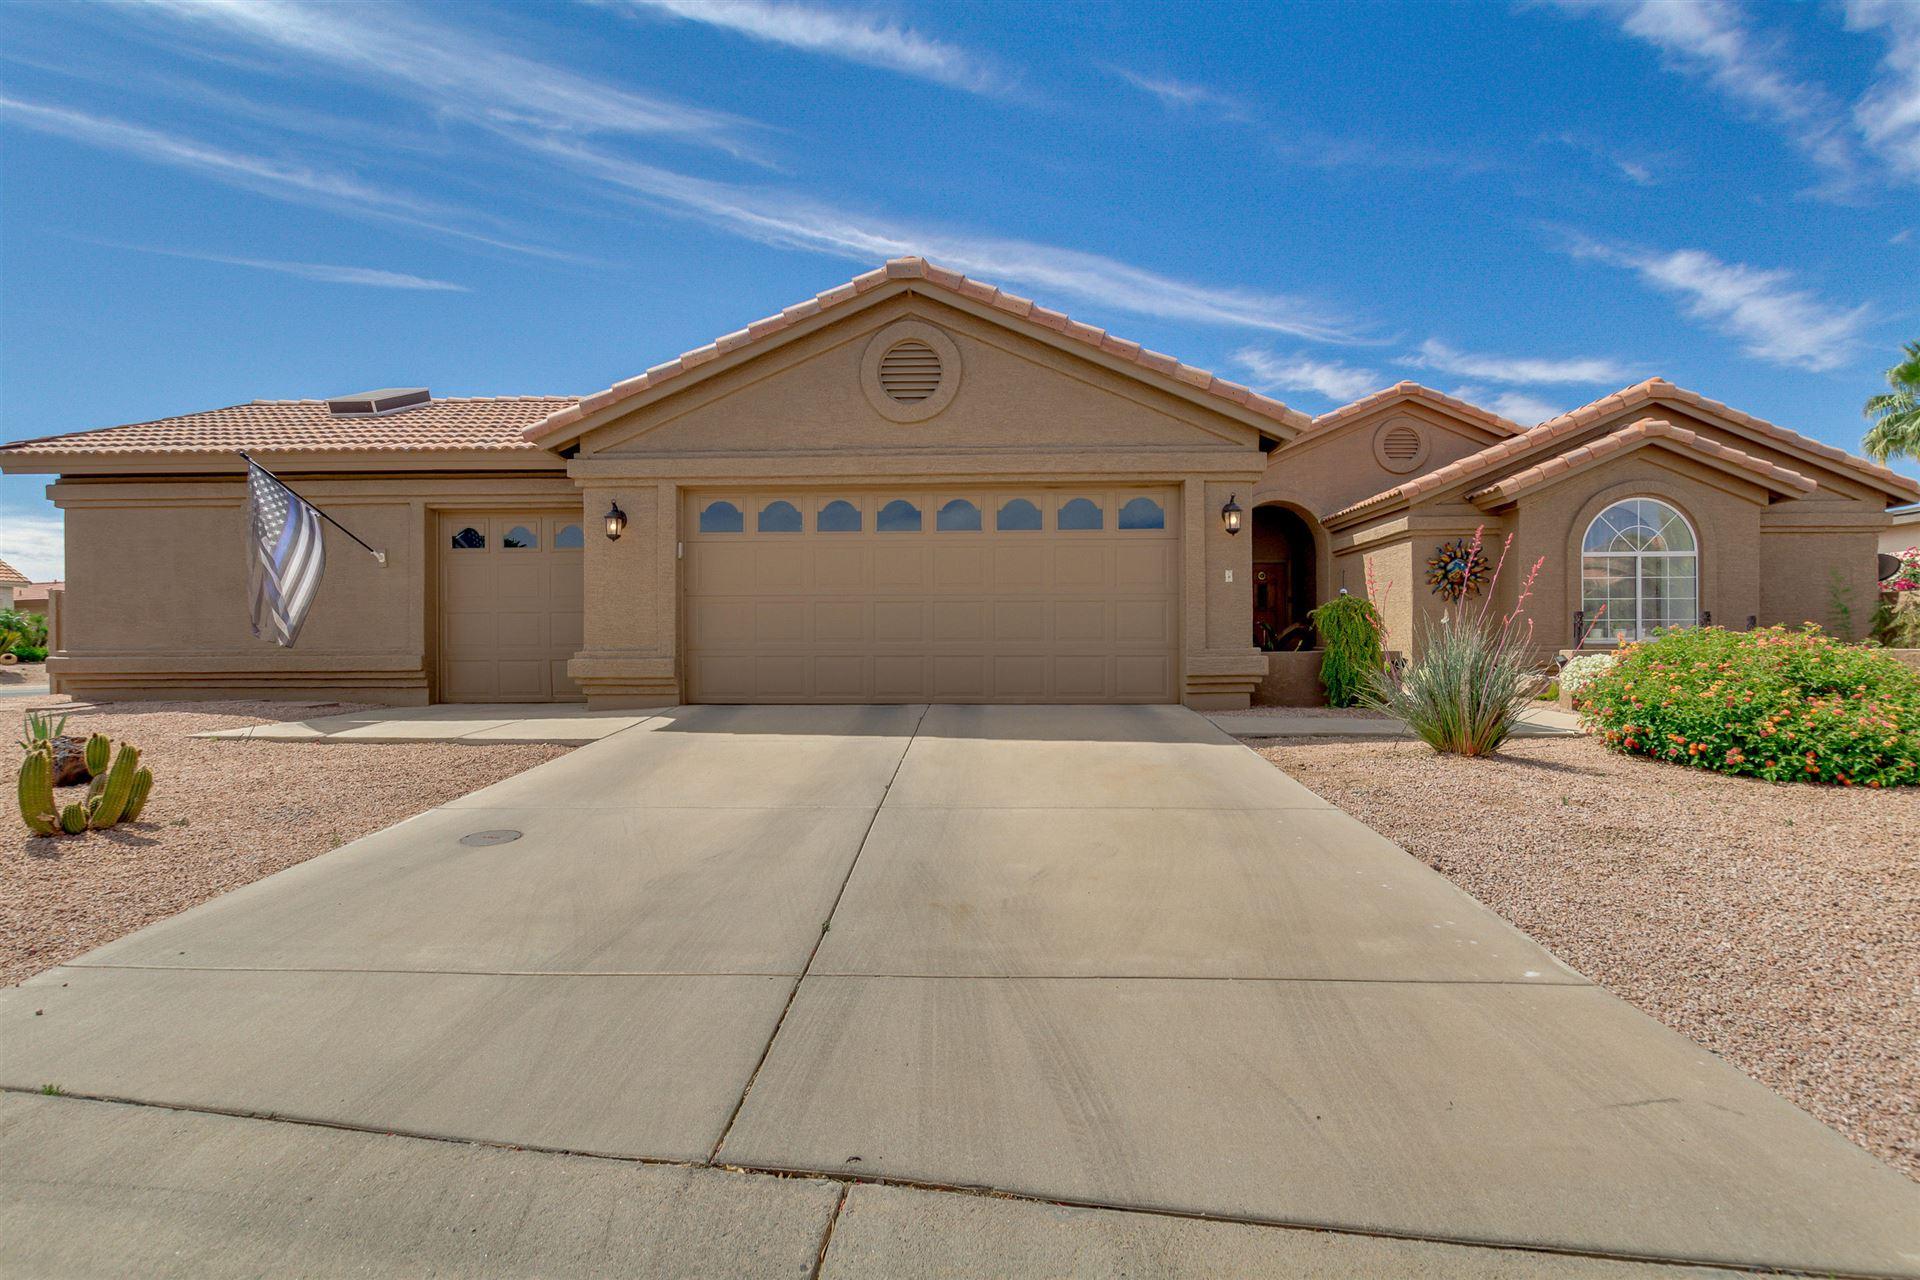 10909 E WATFORD Drive, Sun Lakes, AZ 85248 - MLS#: 6228684